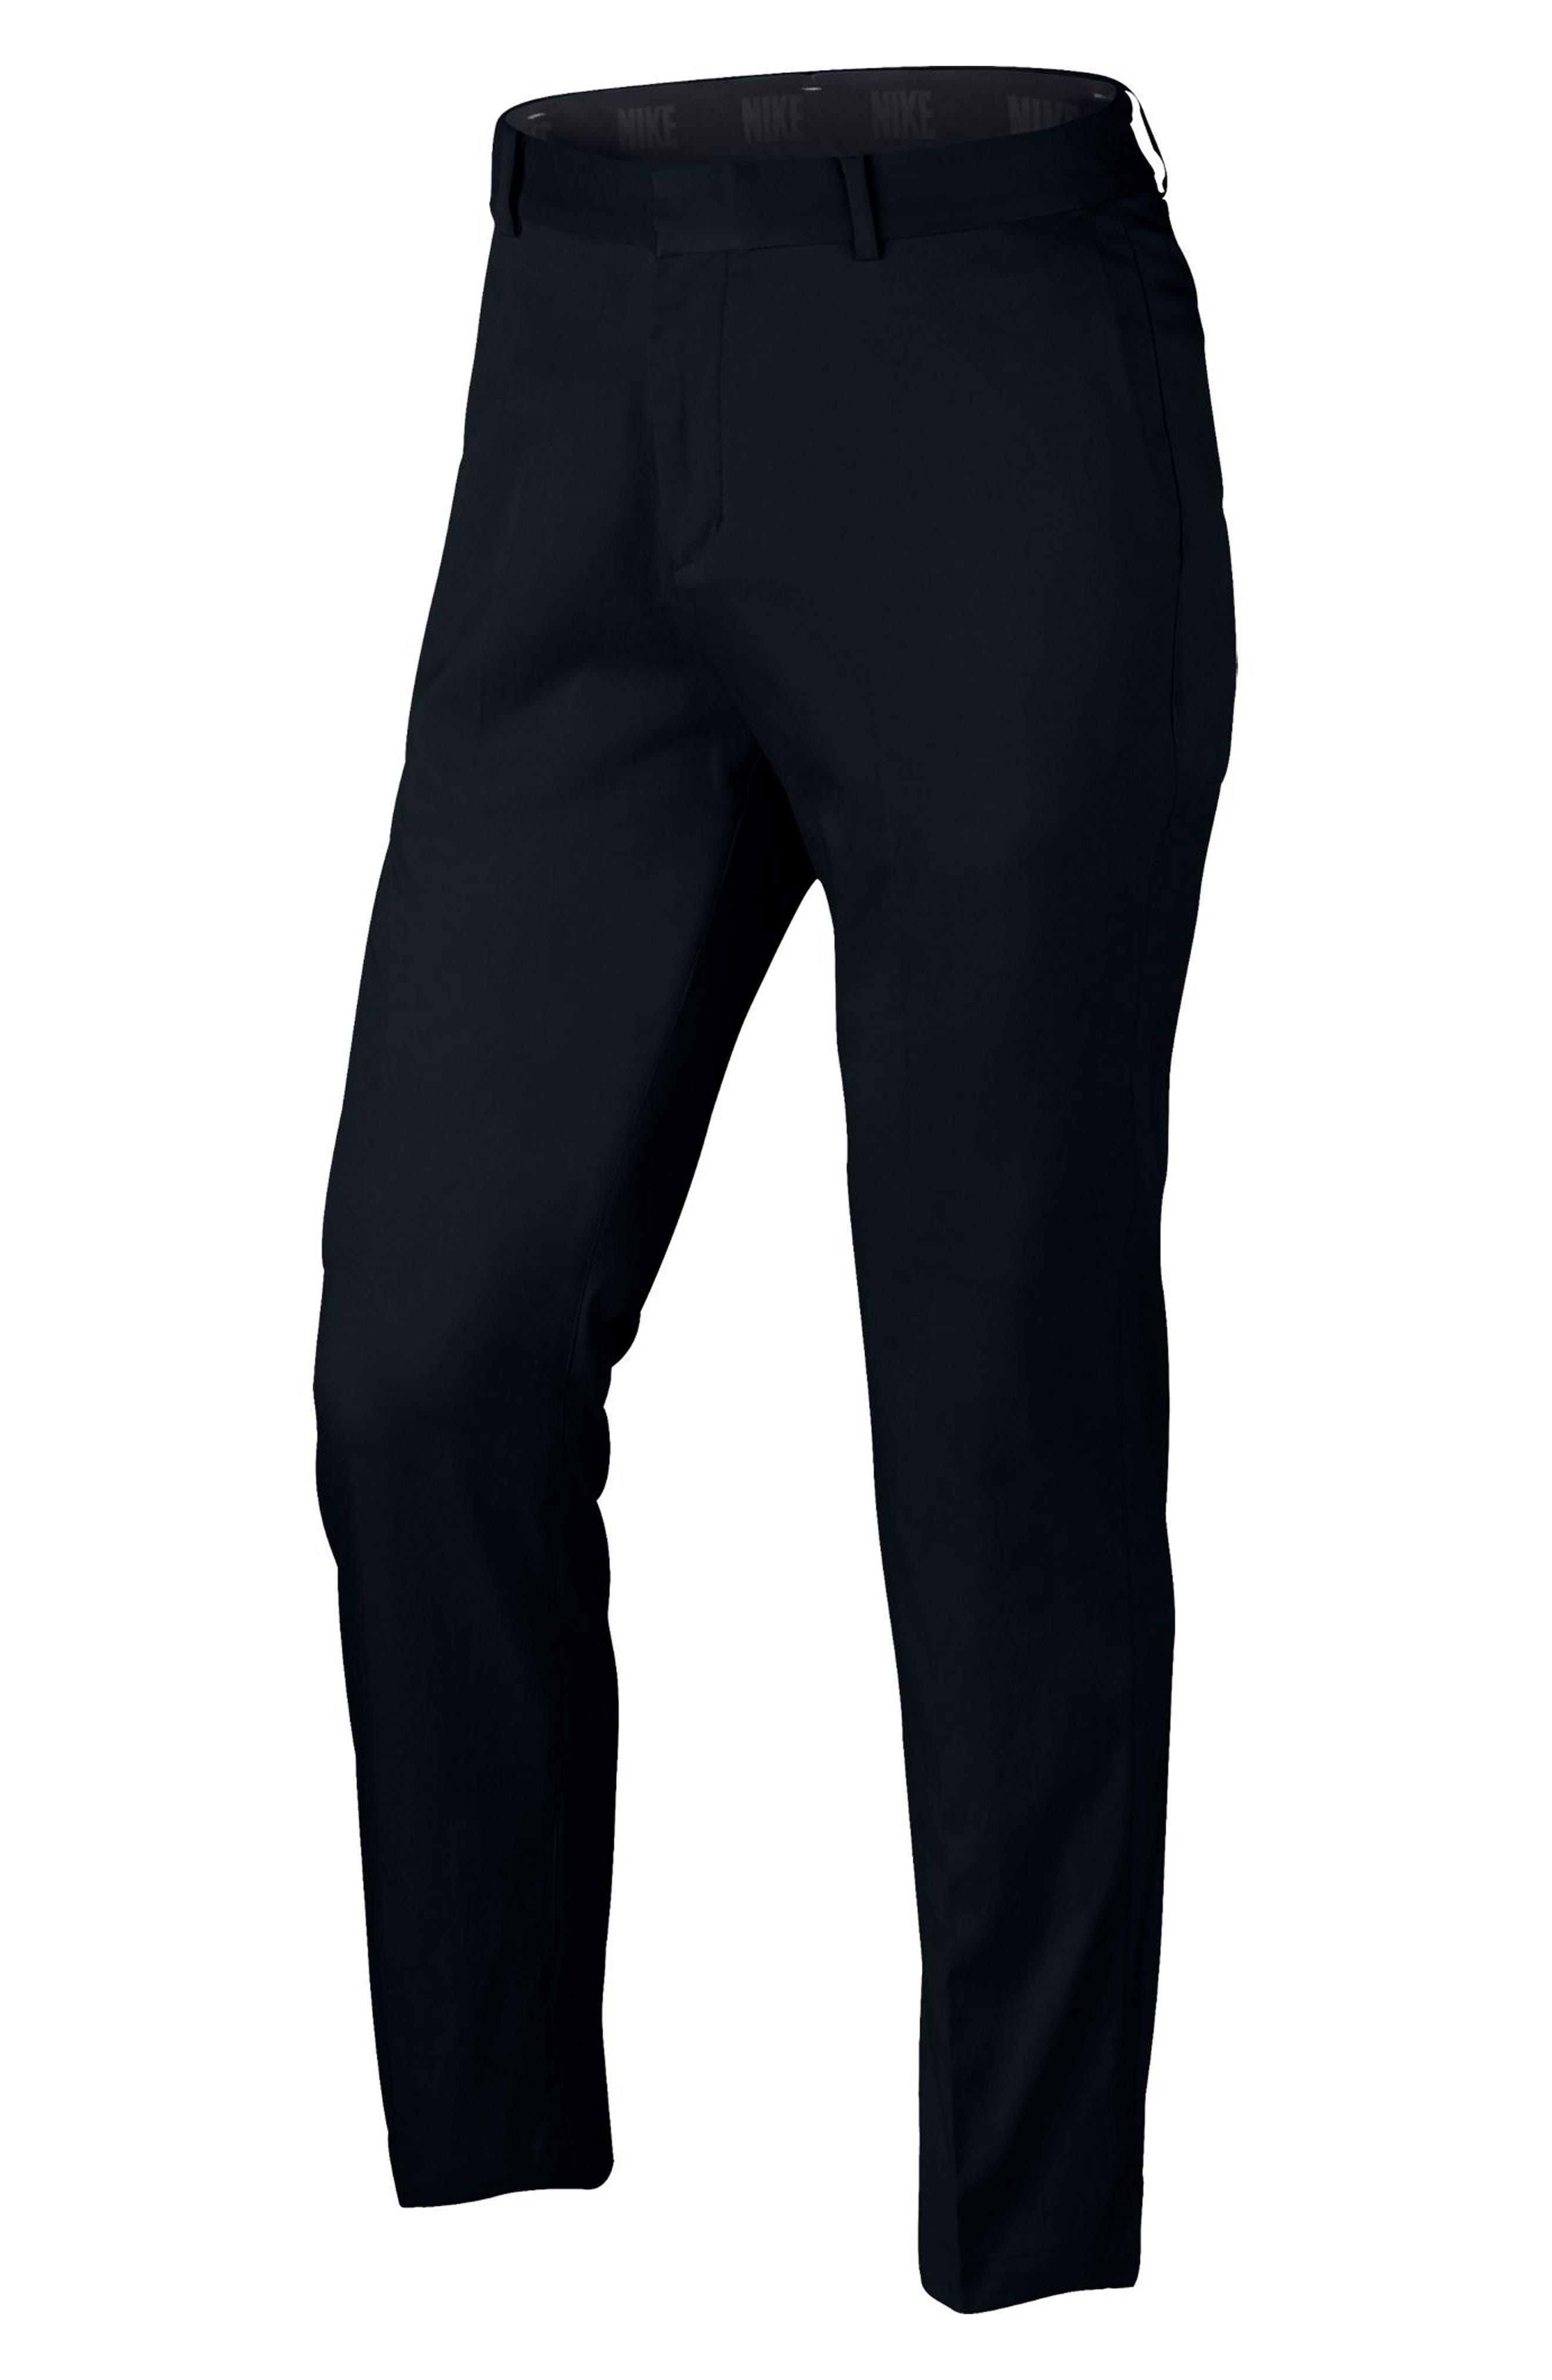 Flat Front Dri-FIT Tech Golf Pants,                             Alternate thumbnail 42, color,